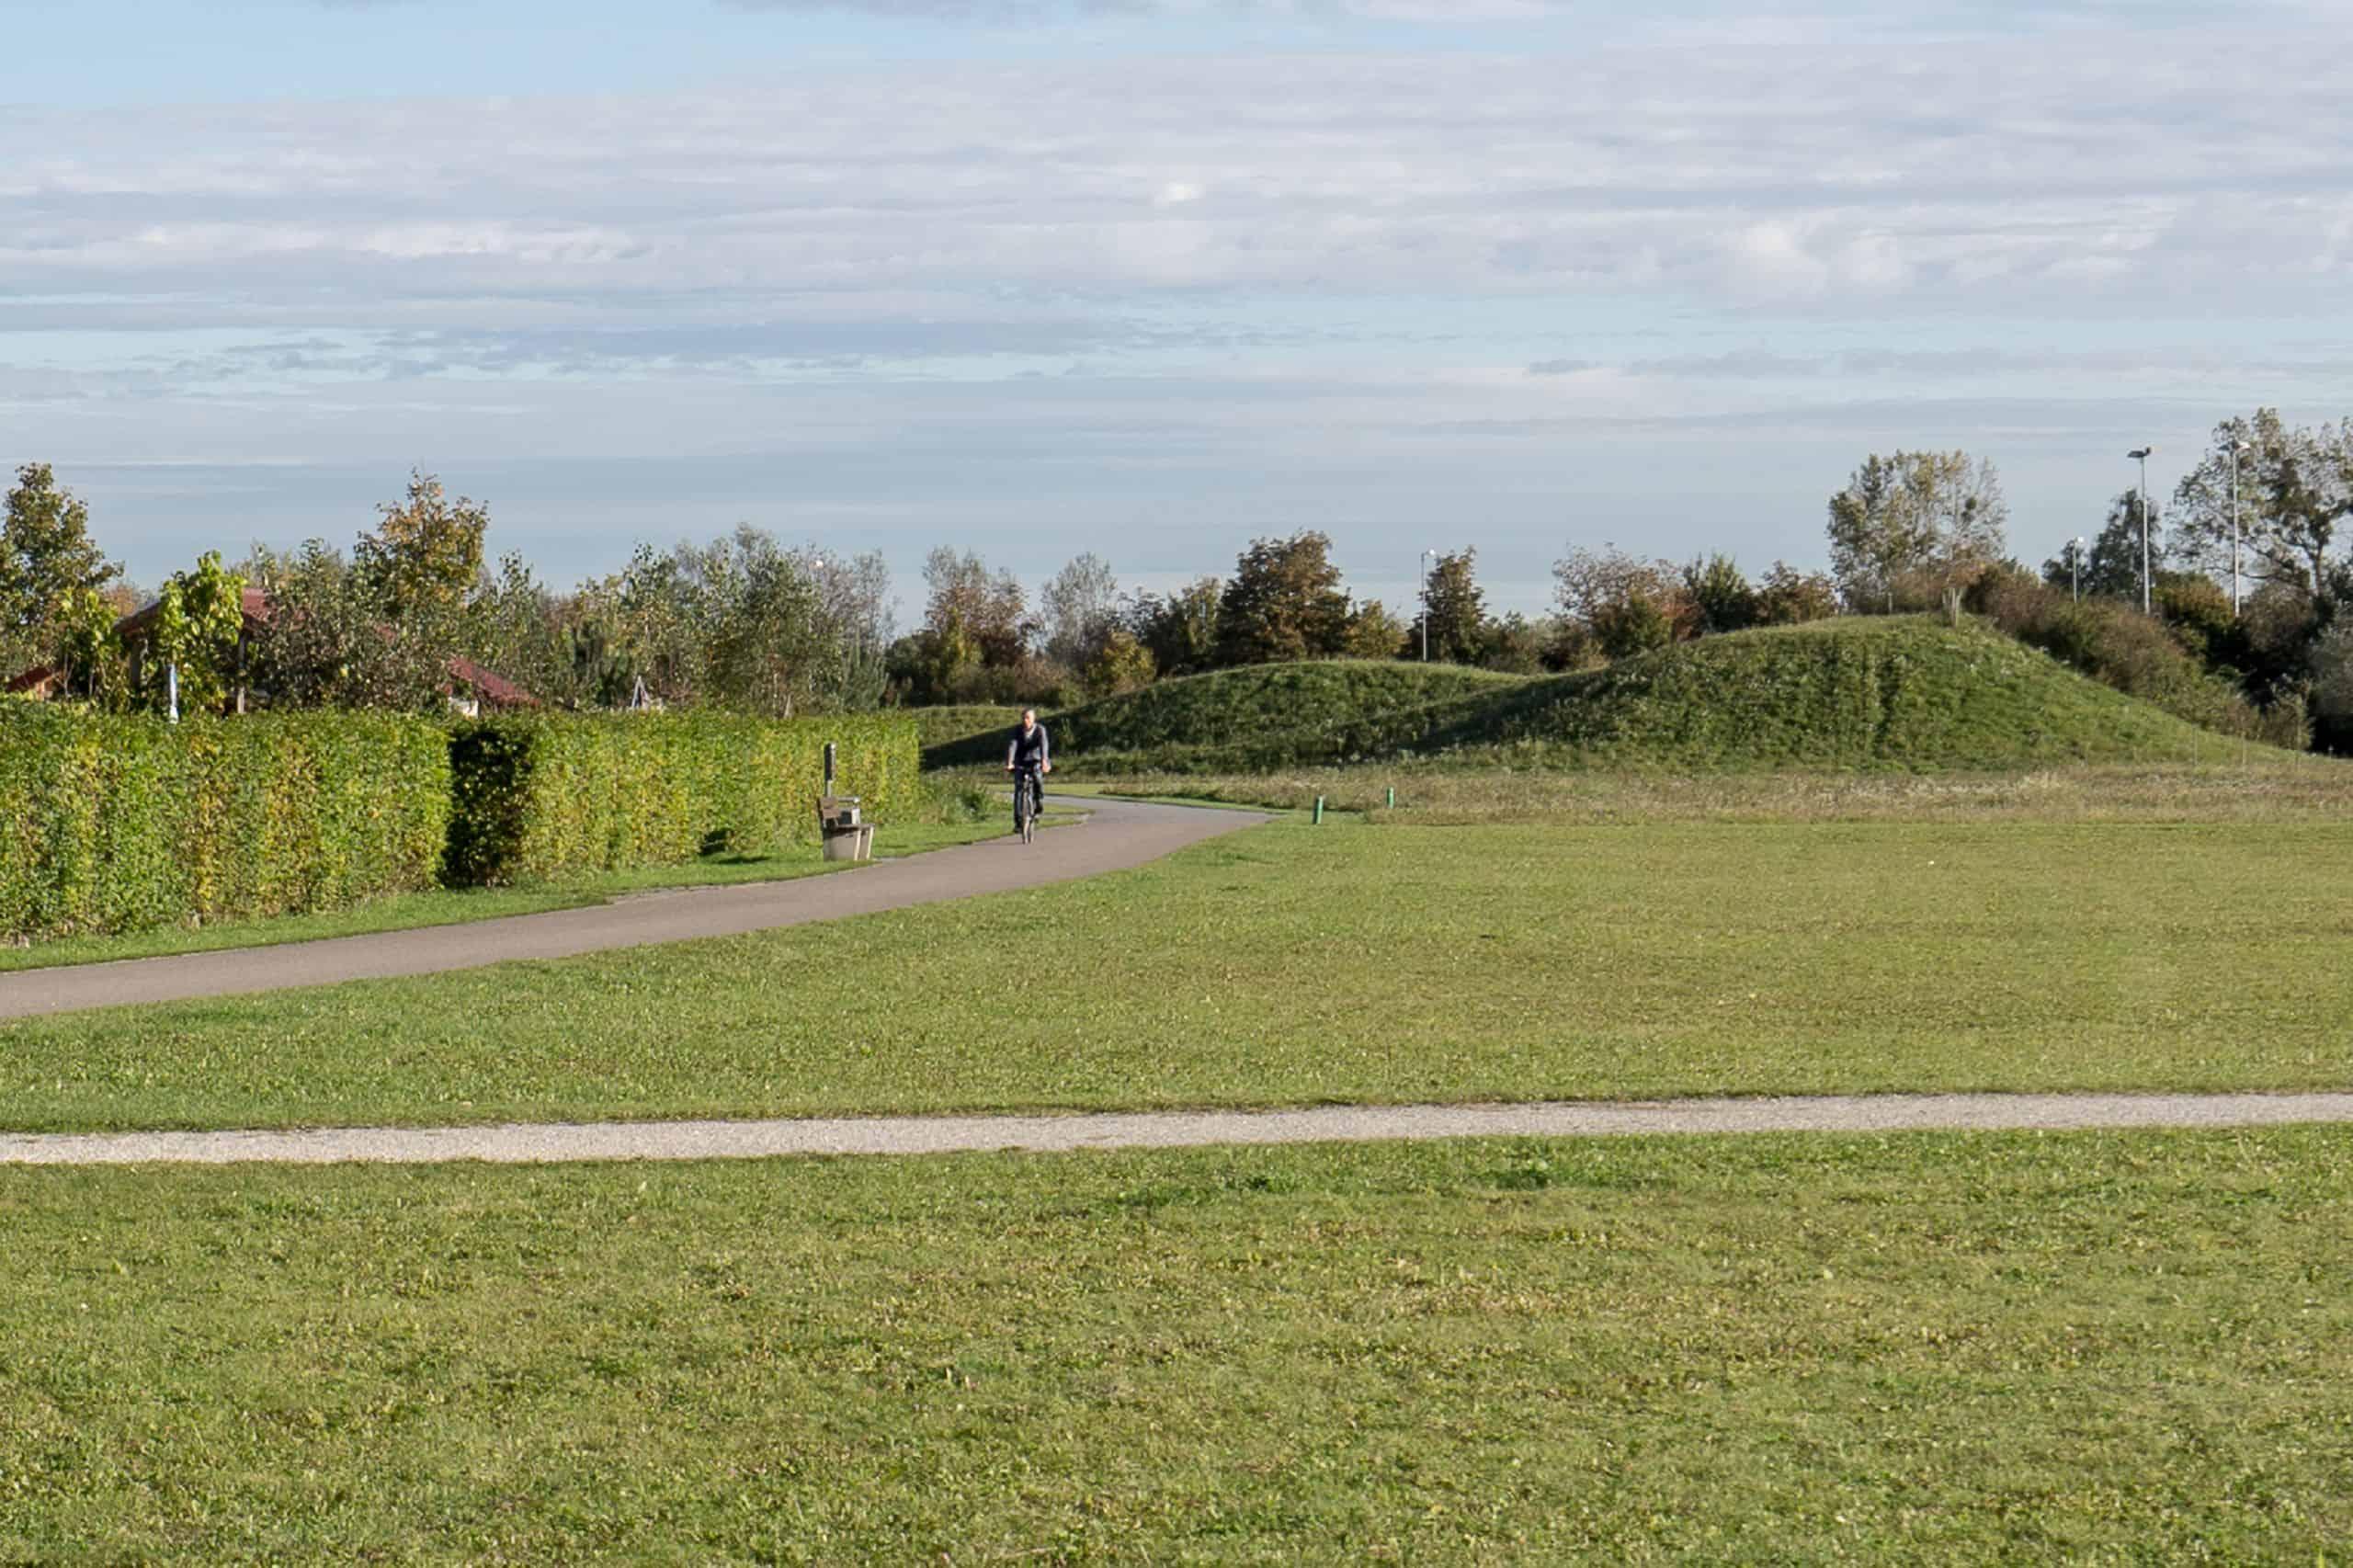 Bild: Blick in die Weite, Foto: ver.de landschaftsarchitektur